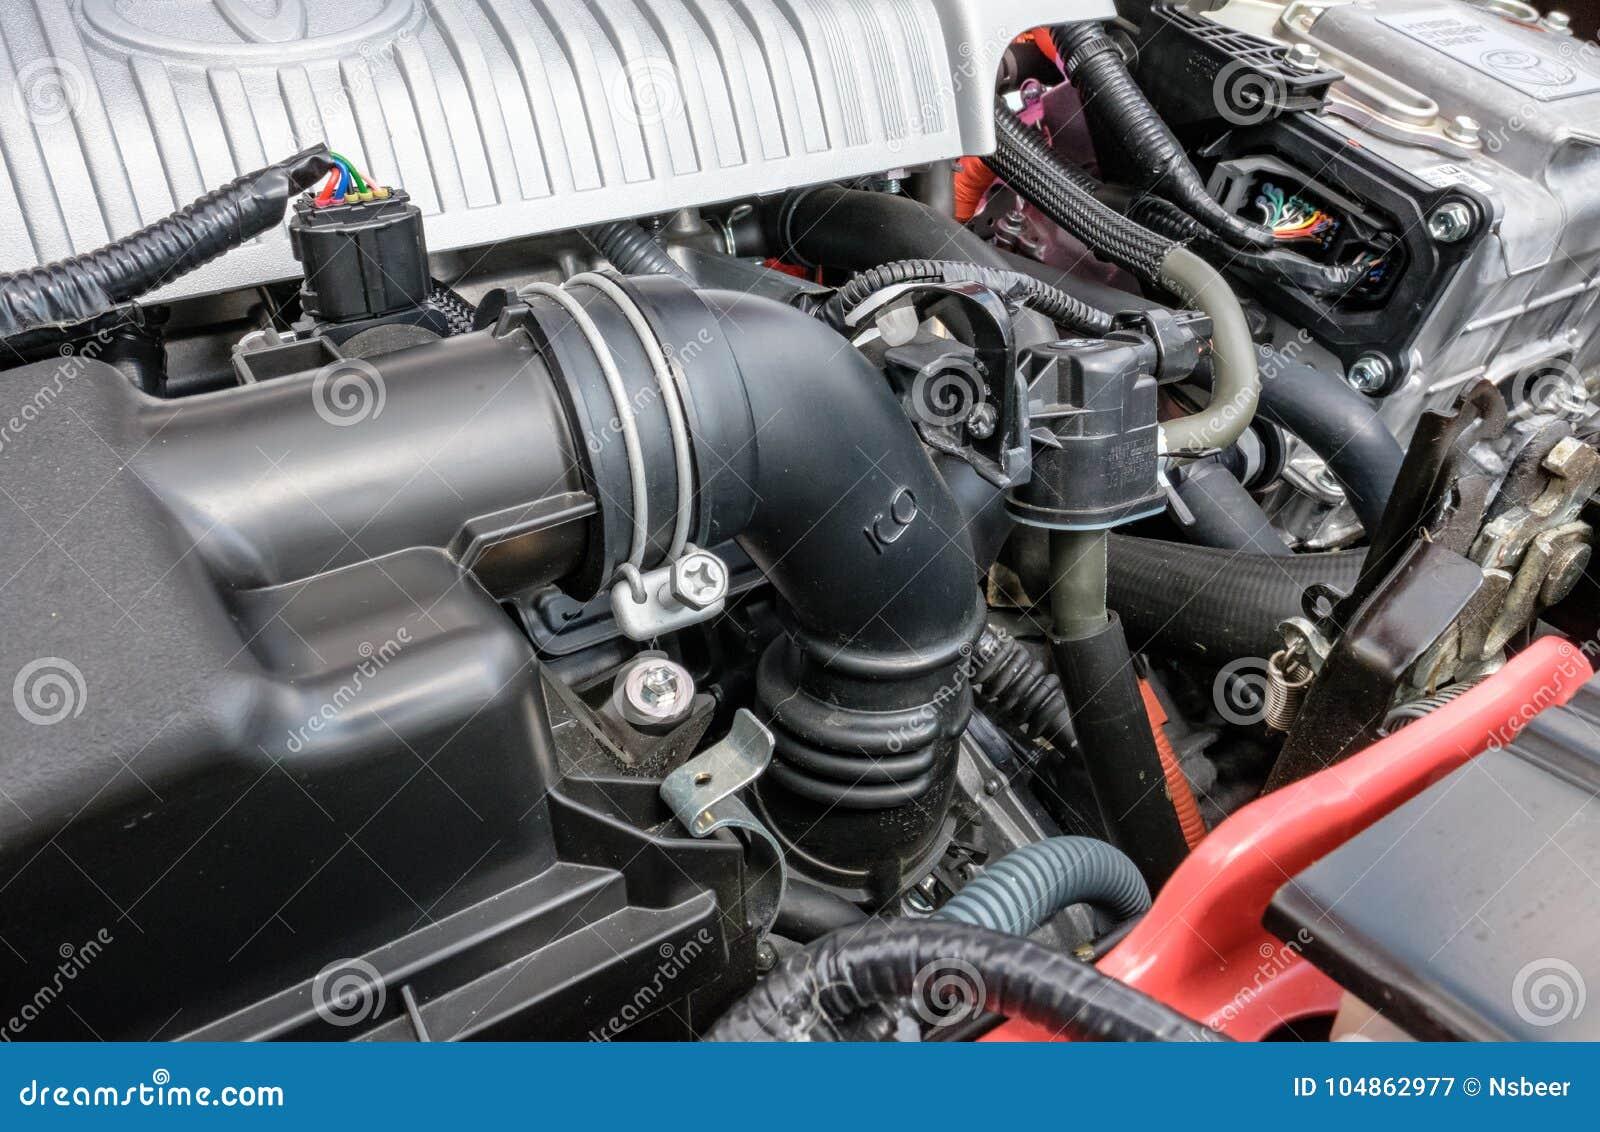 Nett Teile Eines Automotors Beschriftet Bilder - Verdrahtungsideen ...